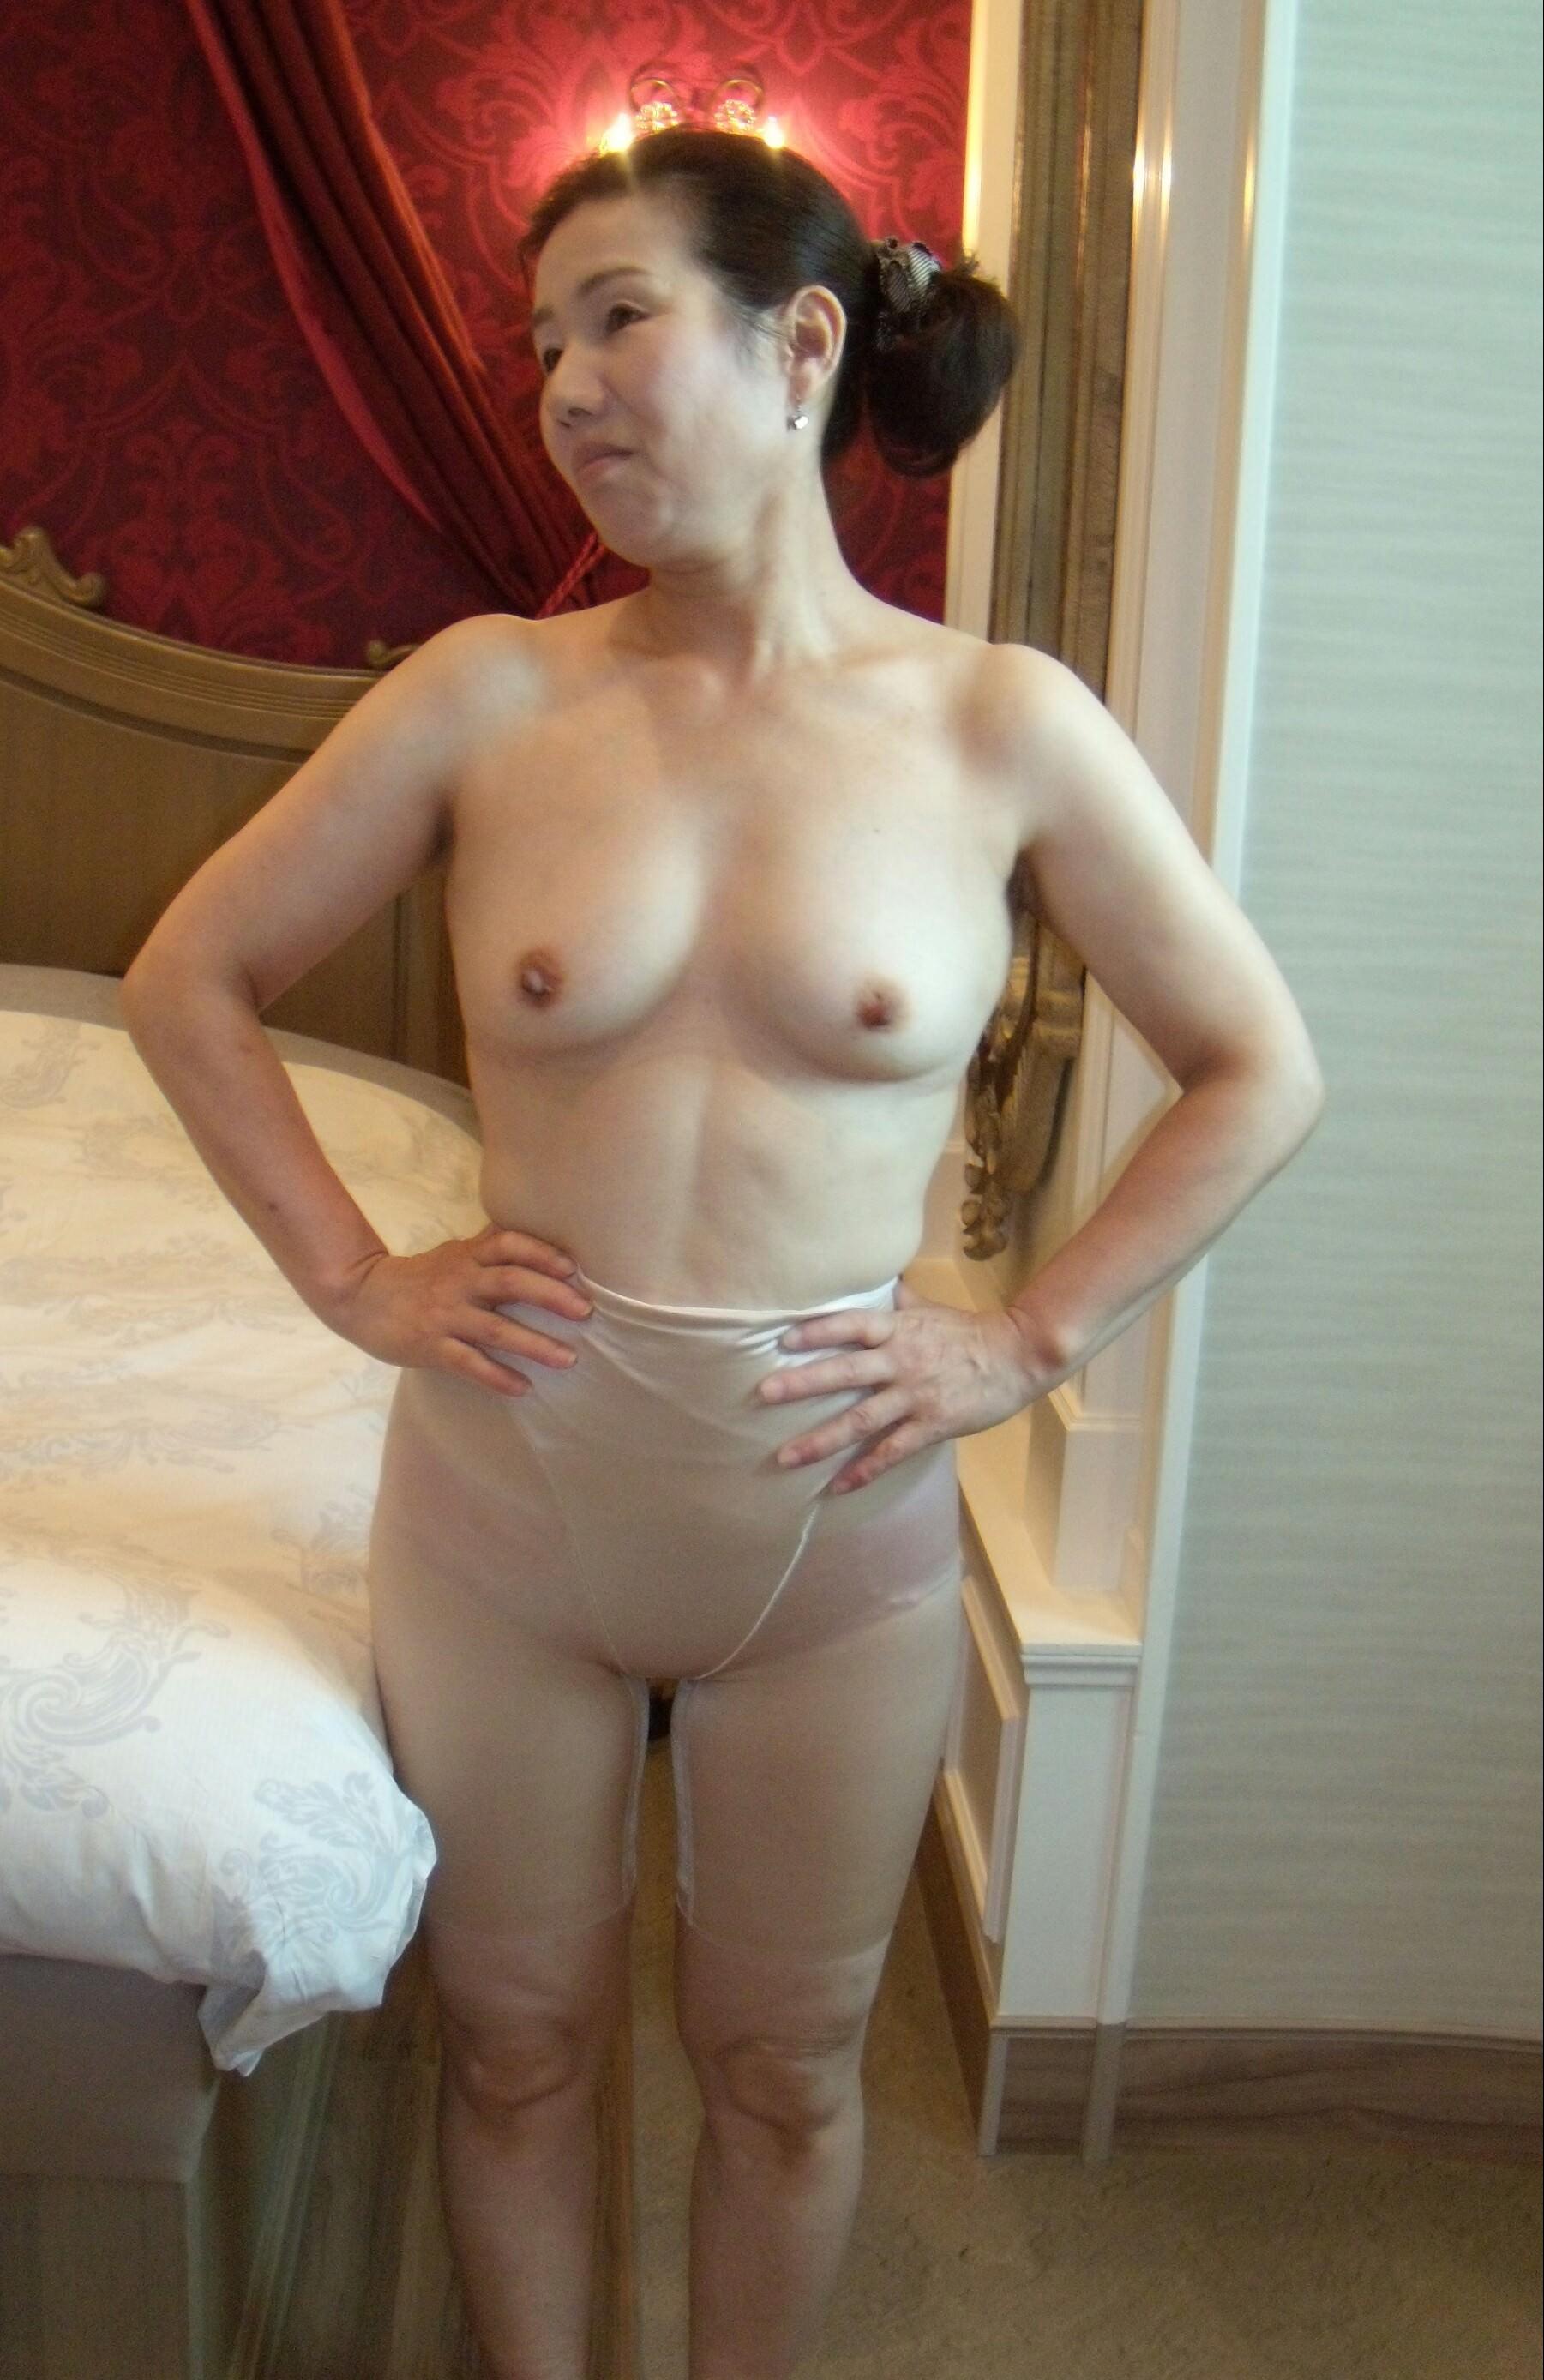 熟女 顔出し 裸 性癖エロ画像 センギリ